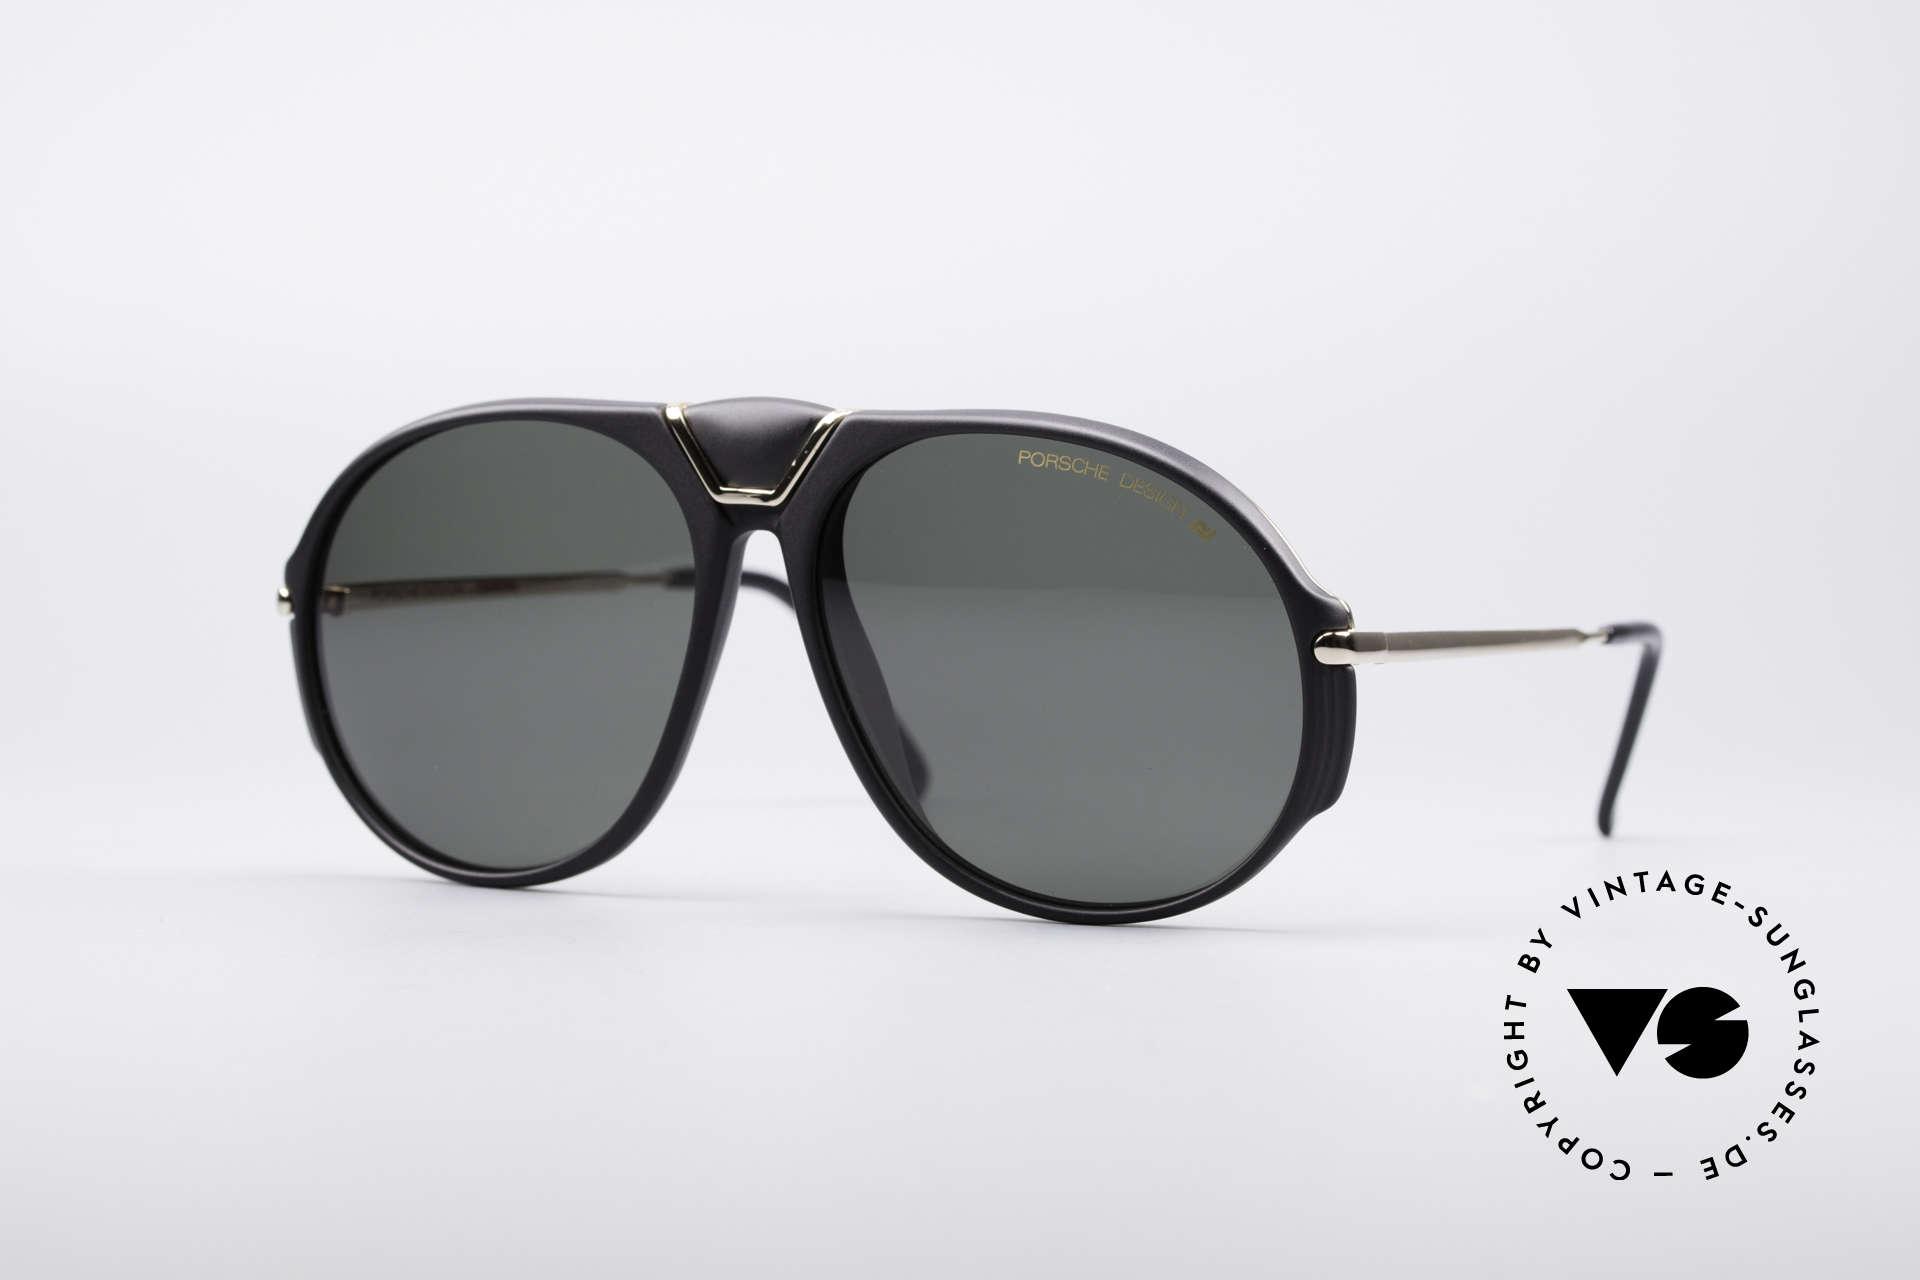 Porsche 5659 90er Wechselbrille Small, alte, klassische PORSCHE Carrera Design Sonnenbrille, Passend für Herren und Damen